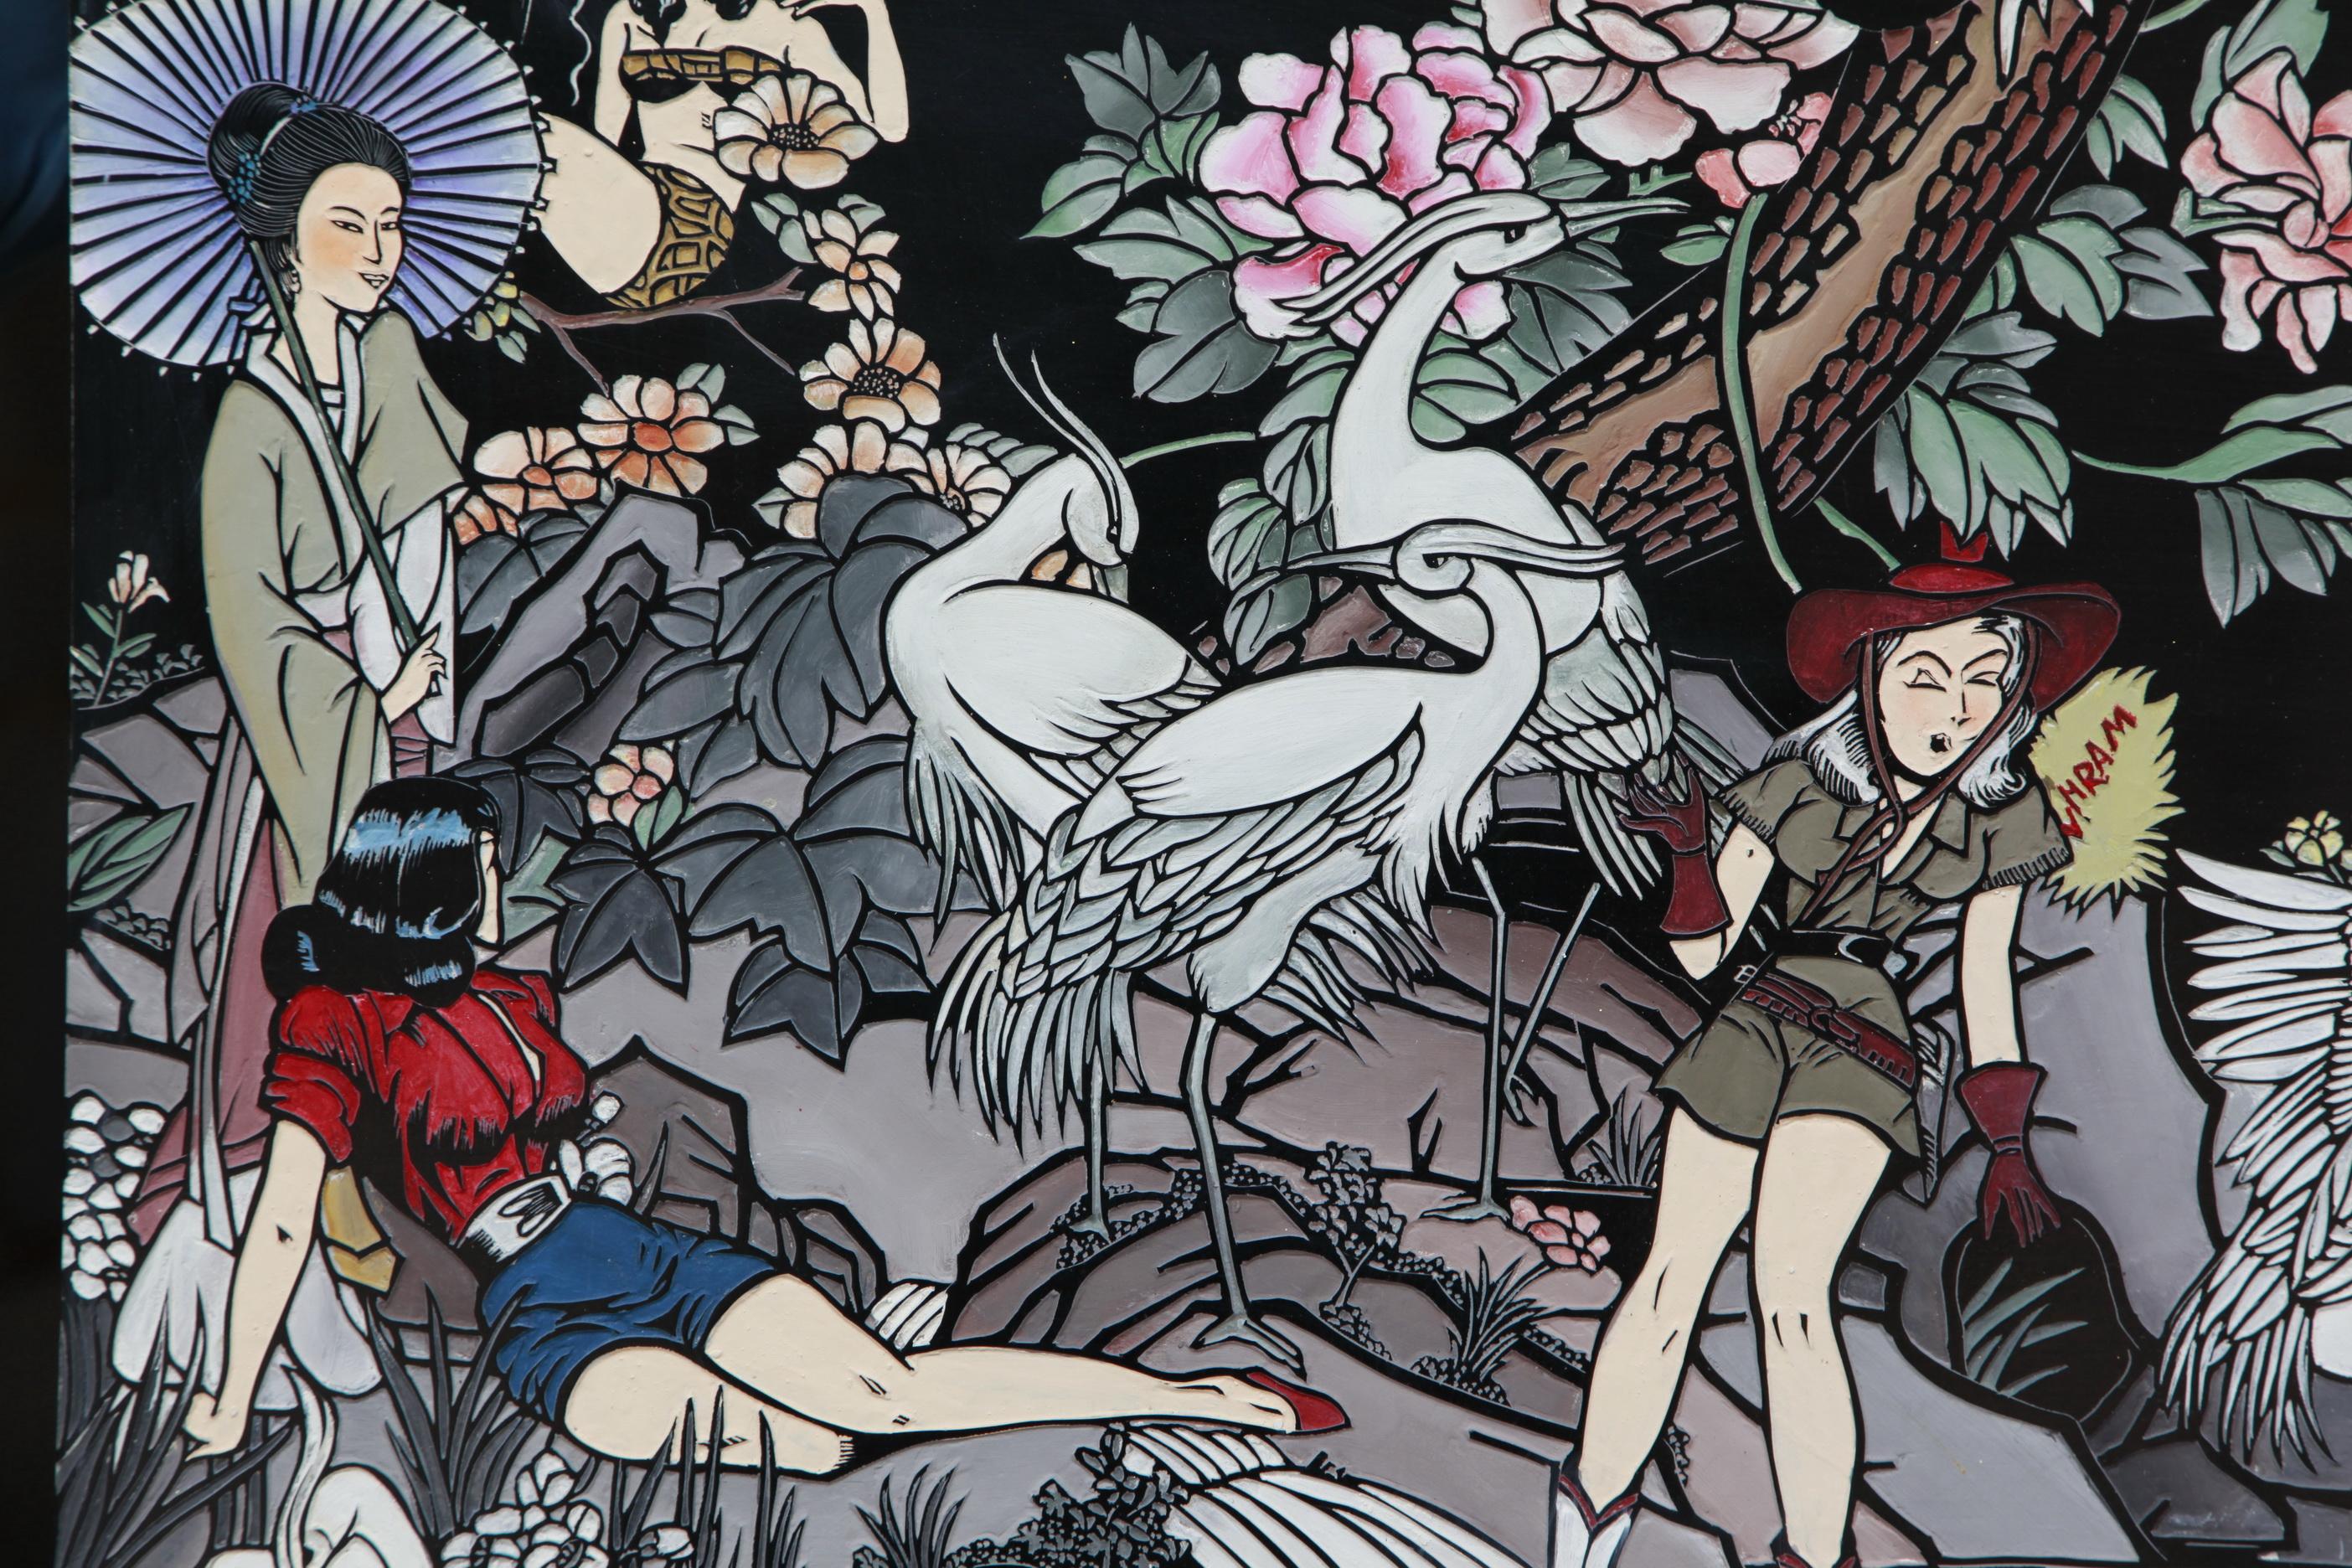 Jacky Tsai - Blam! (Detail 3)